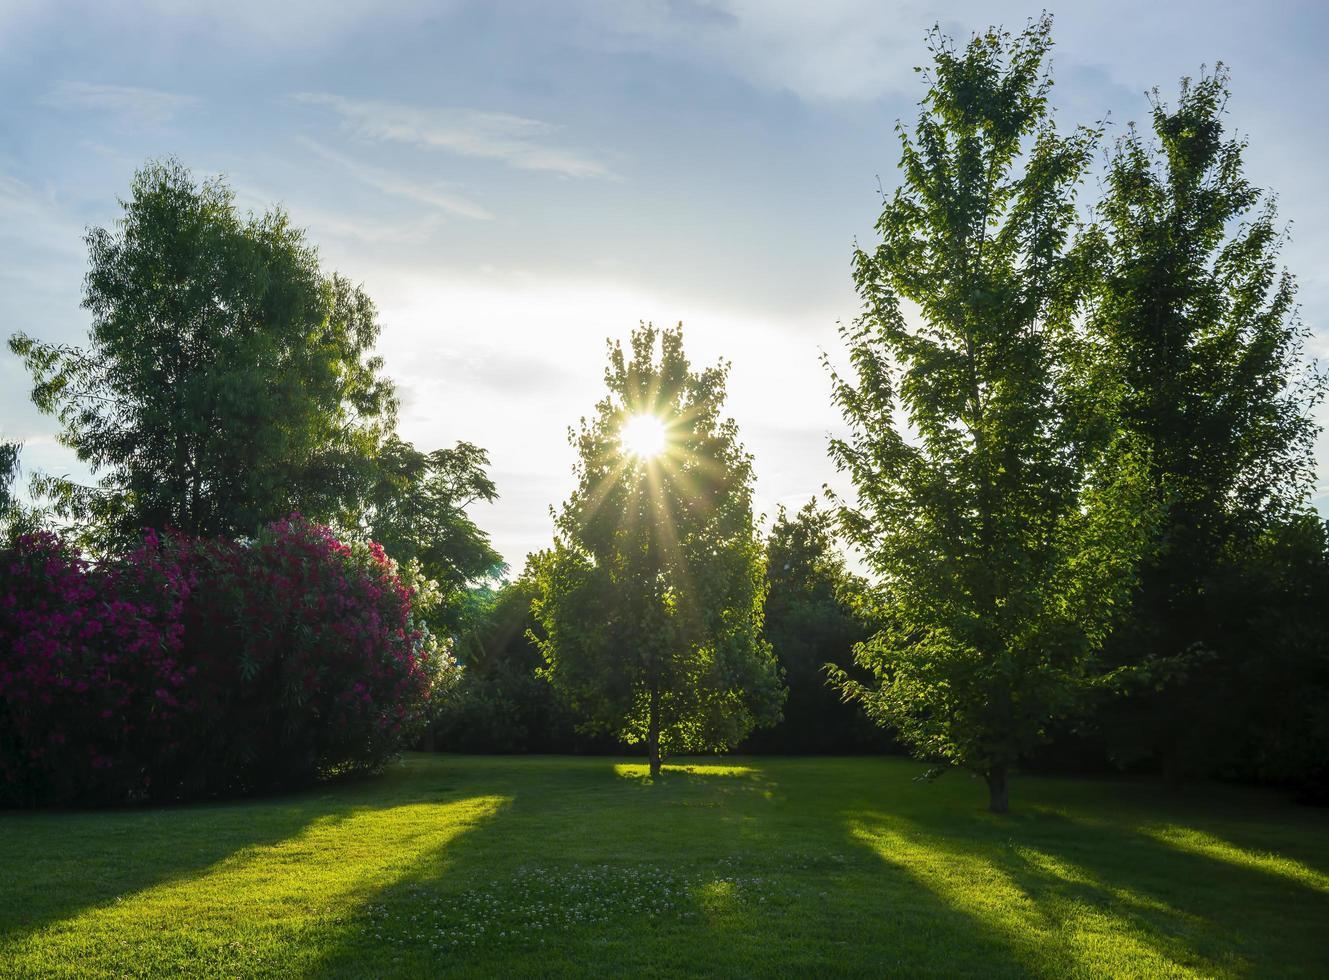 naturlandskap med utsikt över en vacker park och träd foto